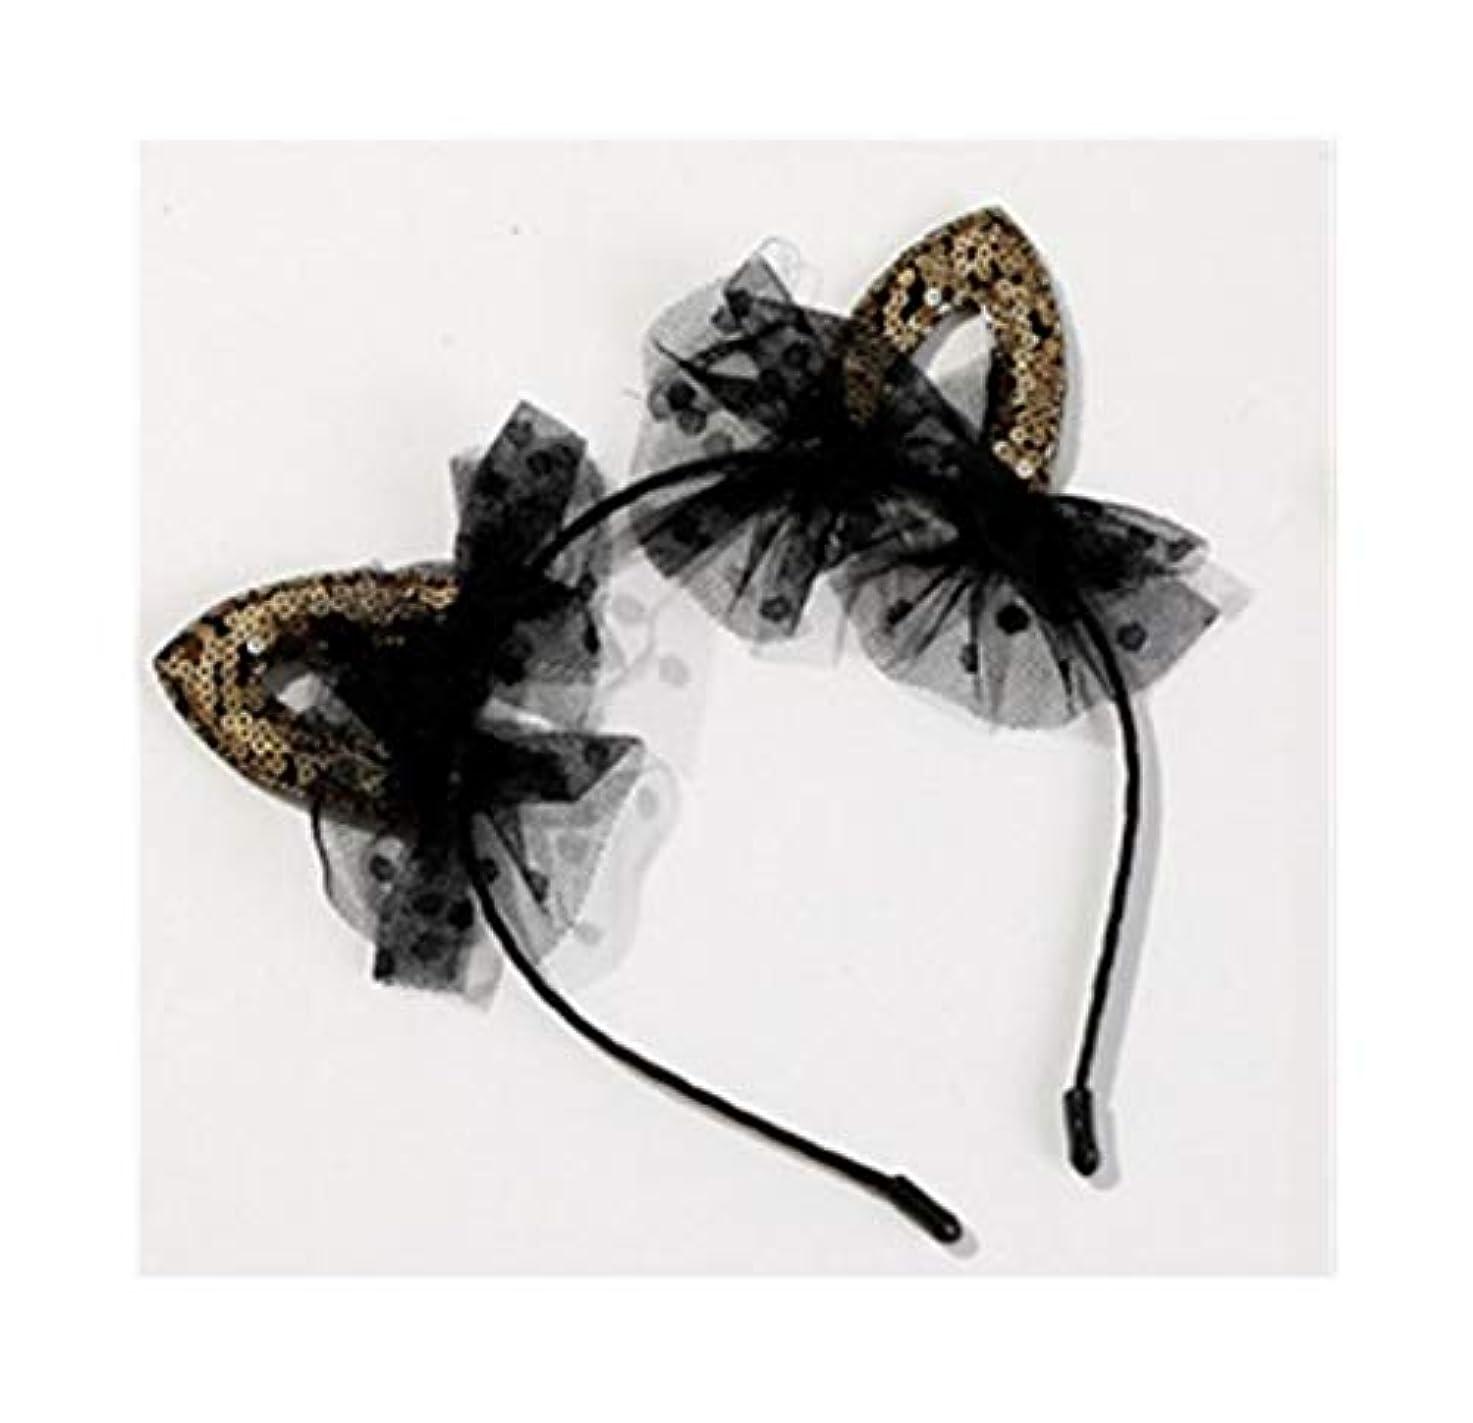 パノラマいちゃつく記事クリスマスの枝角は、女性のかわいい黒猫耳カチューシャ大人のティアラヘアアクセサリーヘッドバンドヘアピン子供レースの金猫耳をひもで締めます (Color : Black, Size : 11.5cm)